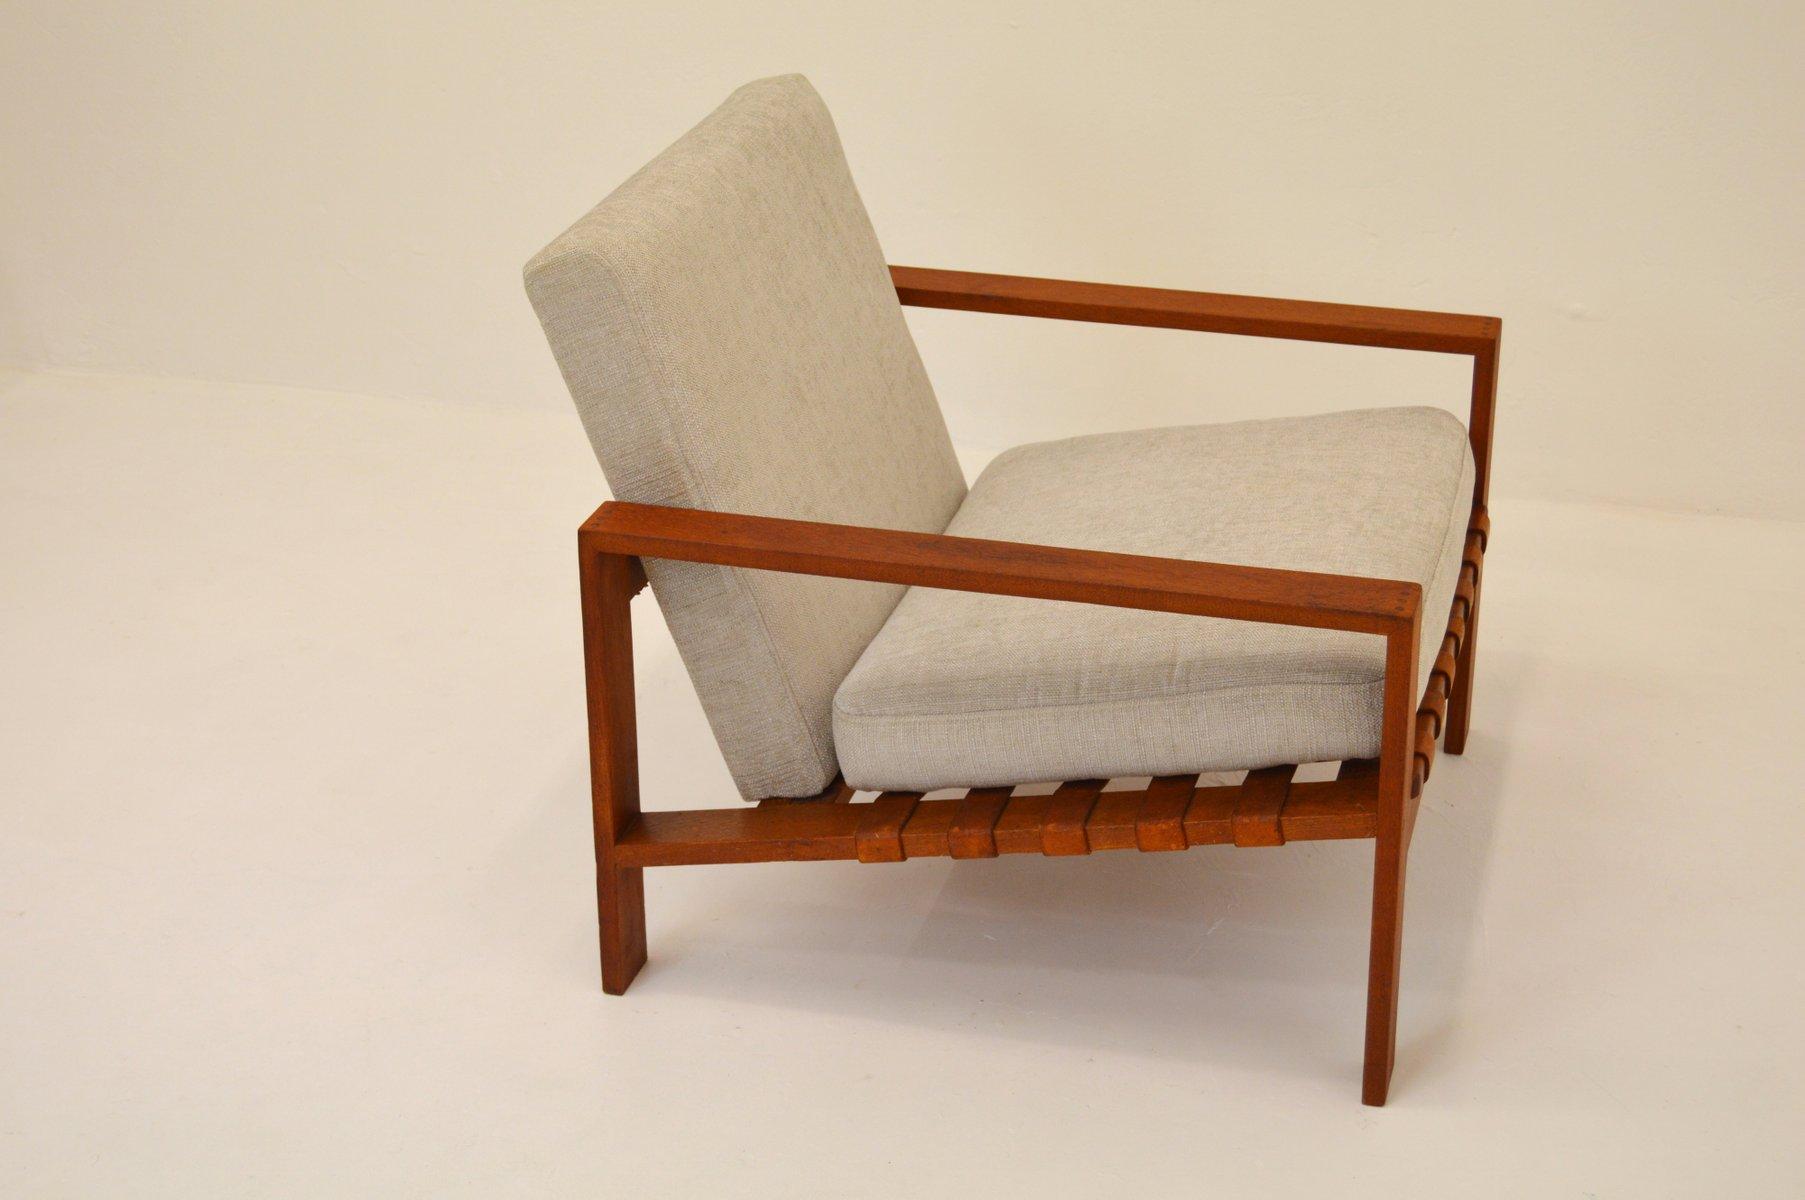 mid century sessel mit ledergewebe von svante skogh bei pamono kaufen. Black Bedroom Furniture Sets. Home Design Ideas